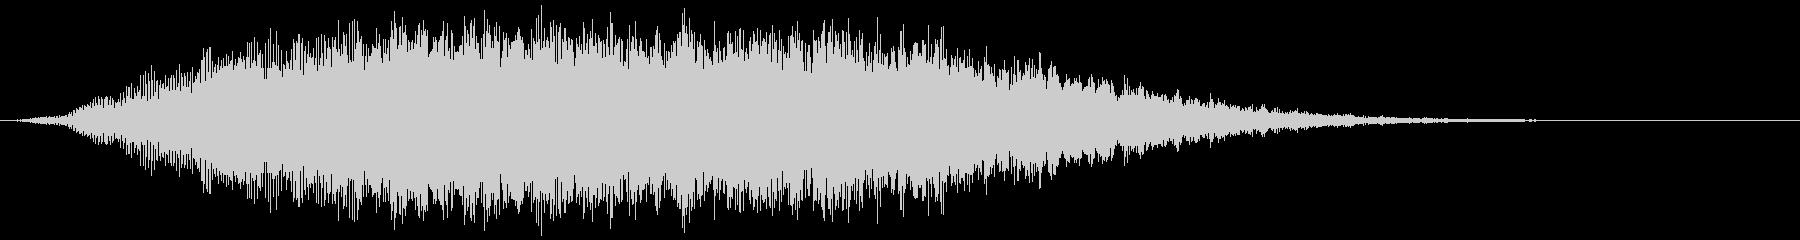 音で主張しすぎないタイトルシーン_04の未再生の波形